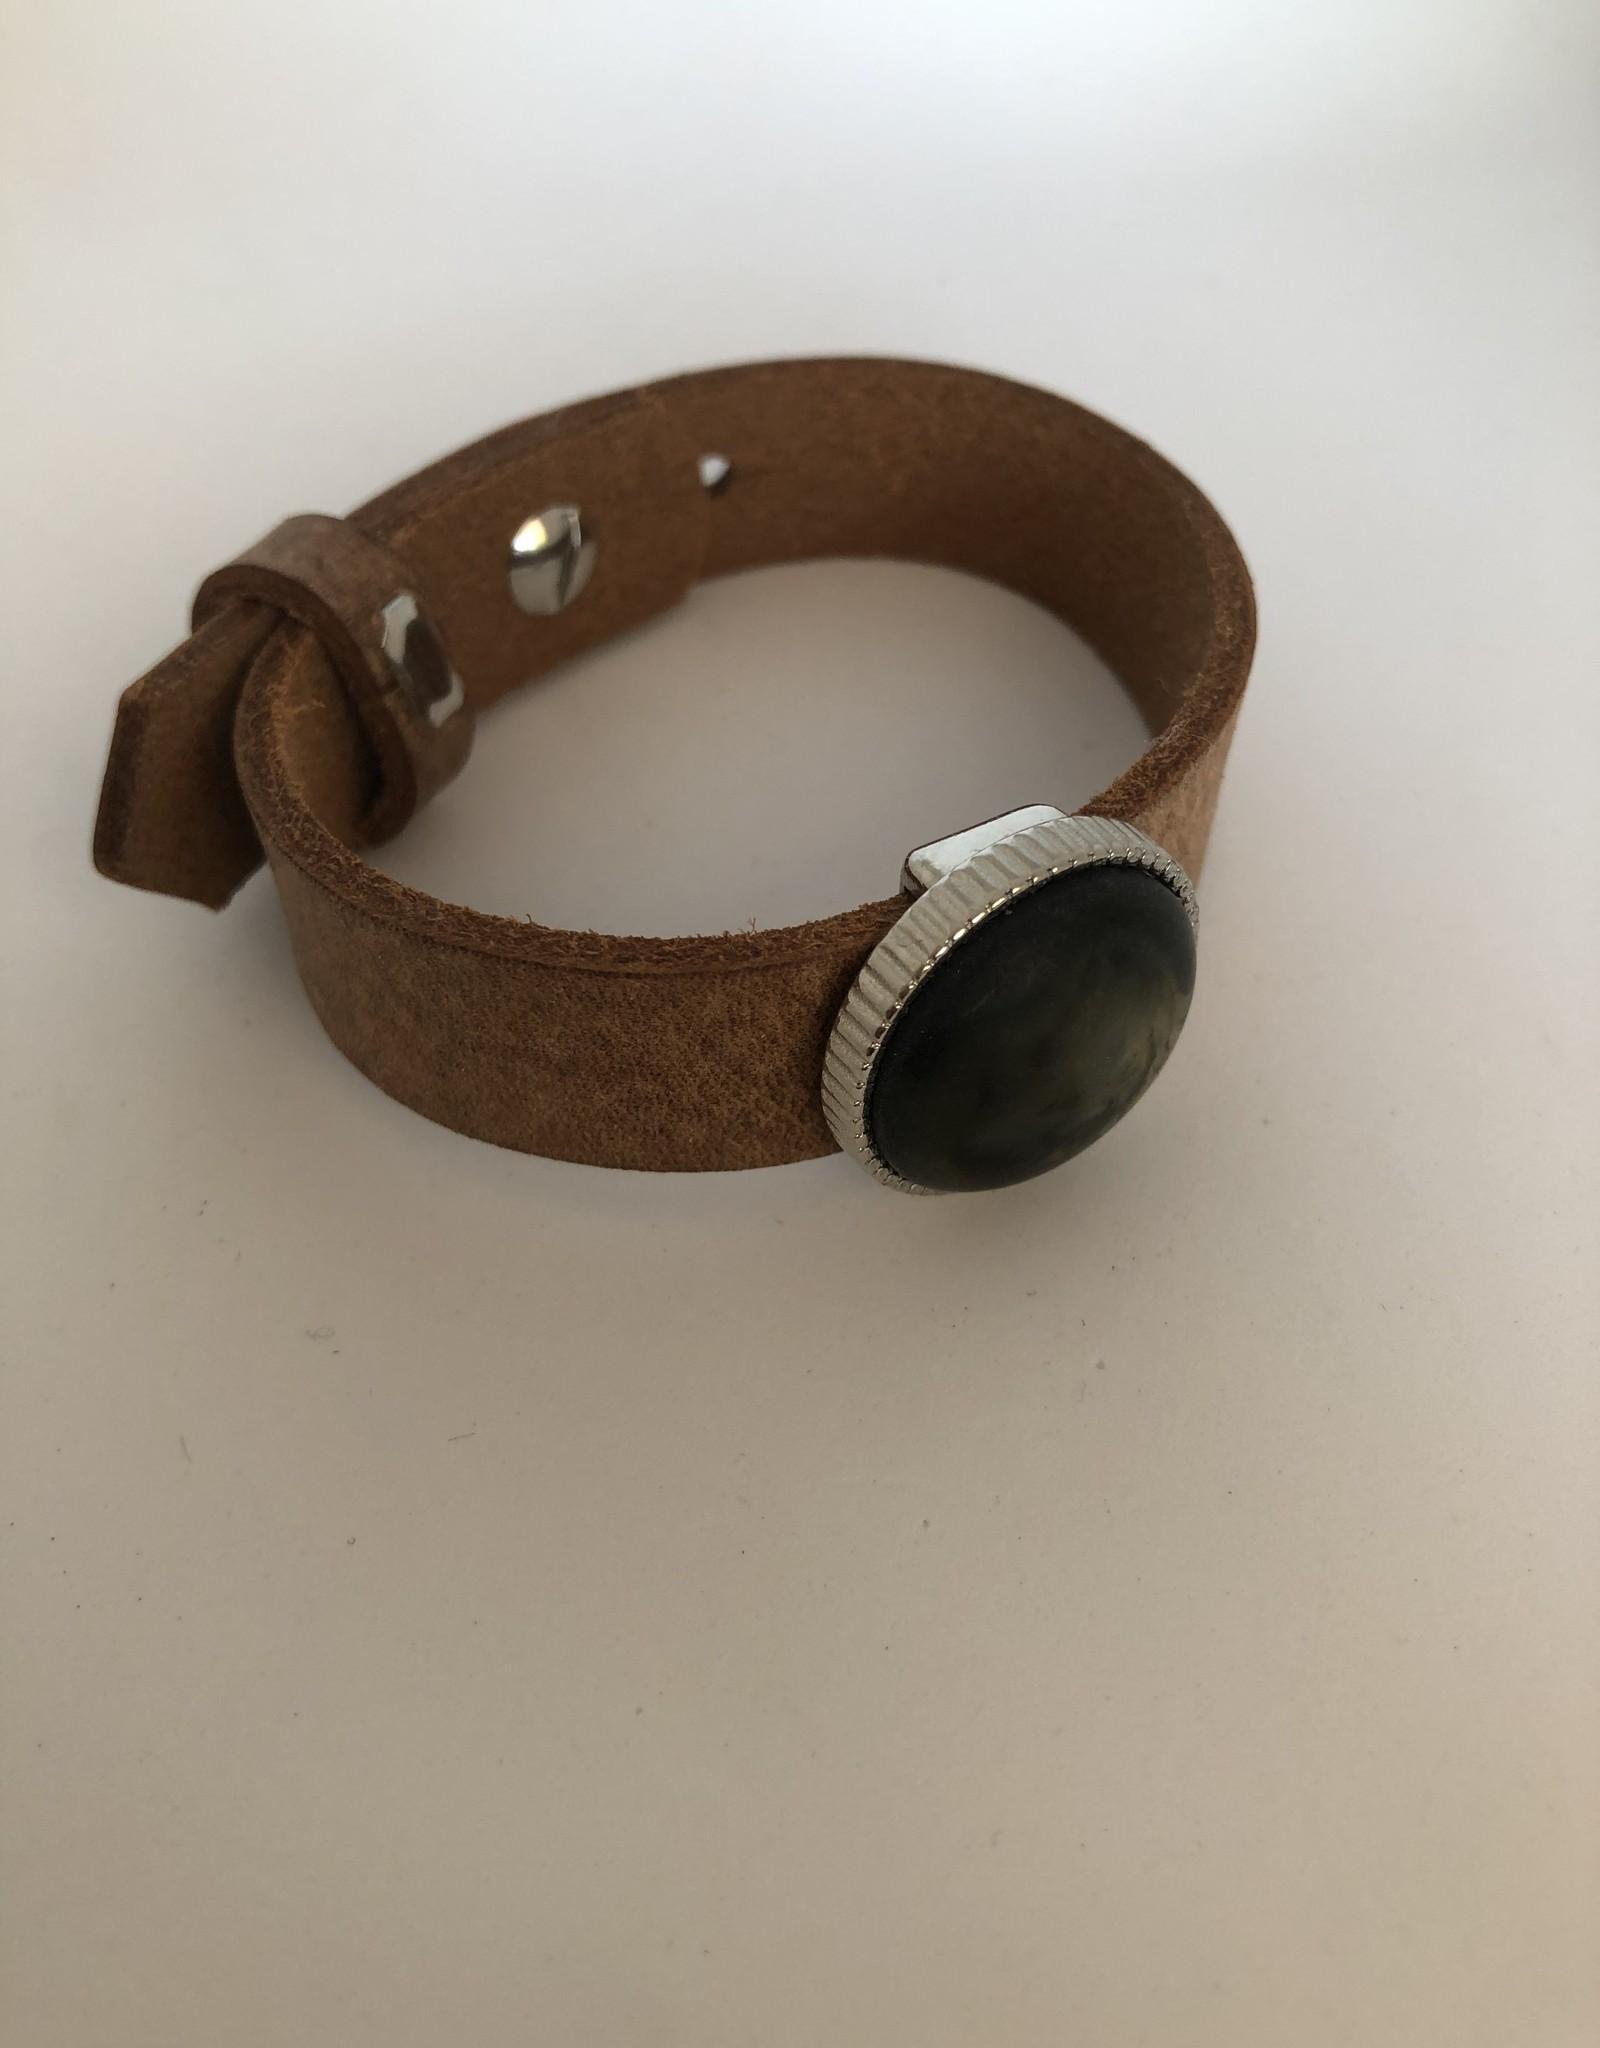 Eigen atelier Unique leather bracelet with beautiful cabochon